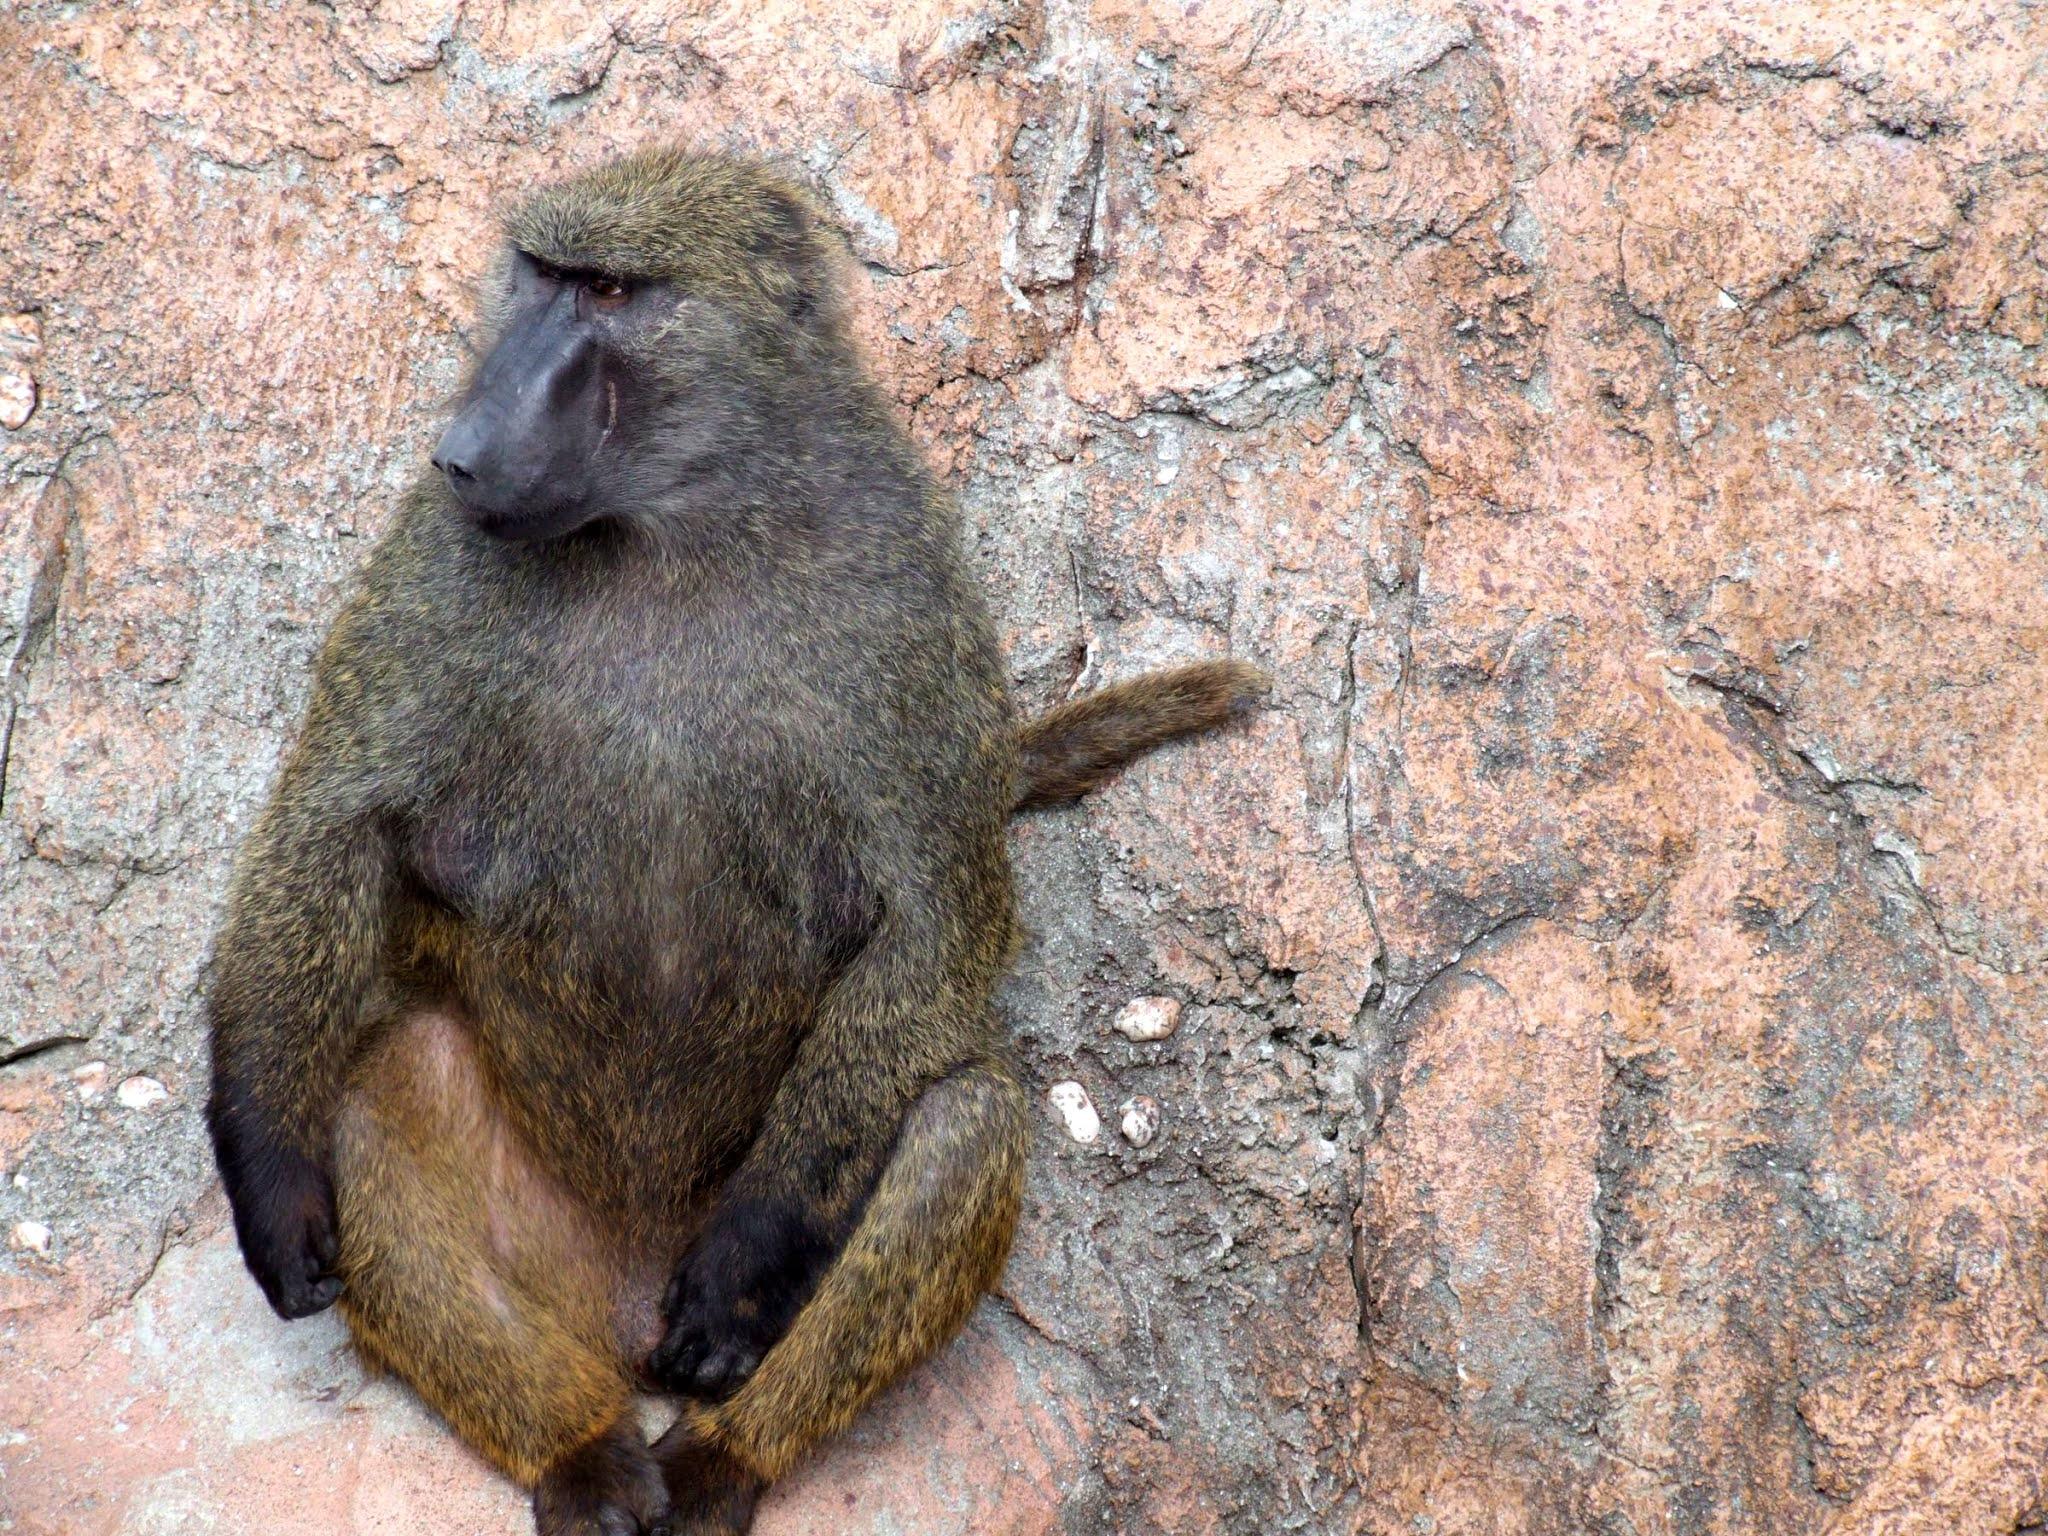 オナガザル科のアヌビスヒヒ(またの名をドグエラヒヒ)と言うお猿さん🐵の写真素材です。きれいにあぐらをかくように座ってて可愛いですね🐒。